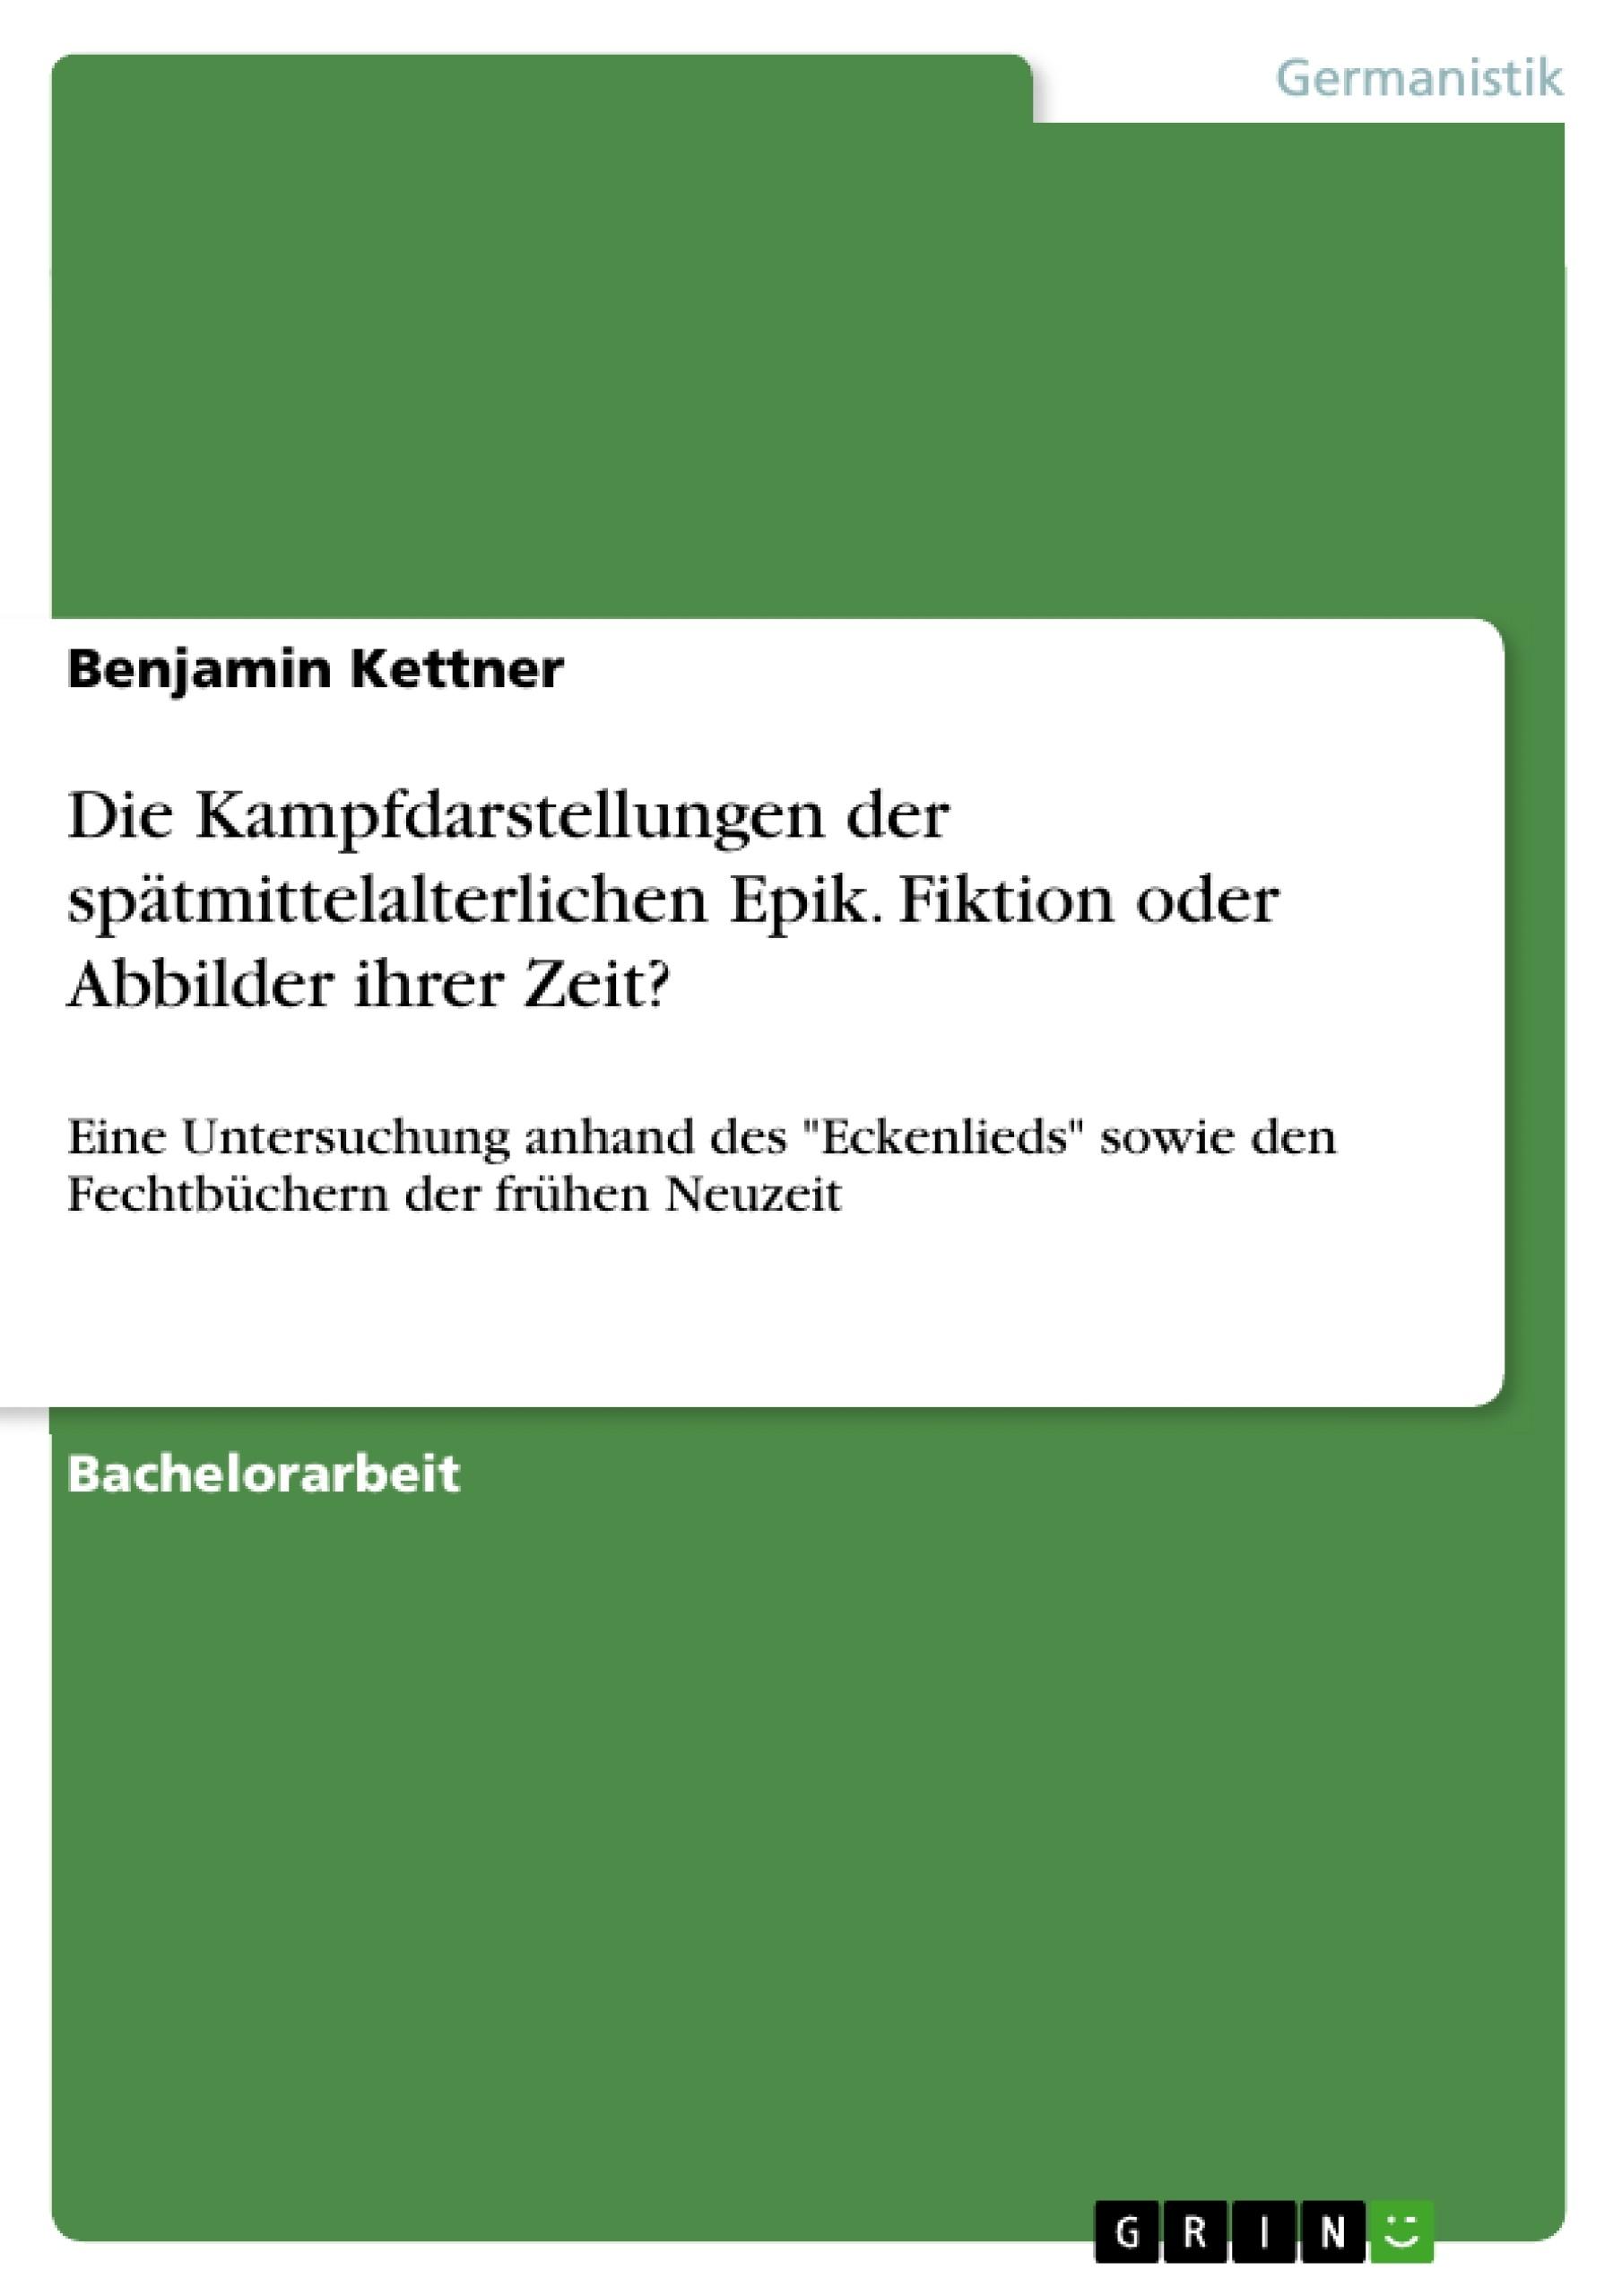 Titel: Die Kampfdarstellungen der spätmittelalterlichen Epik. Fiktion oder Abbilder ihrer Zeit?